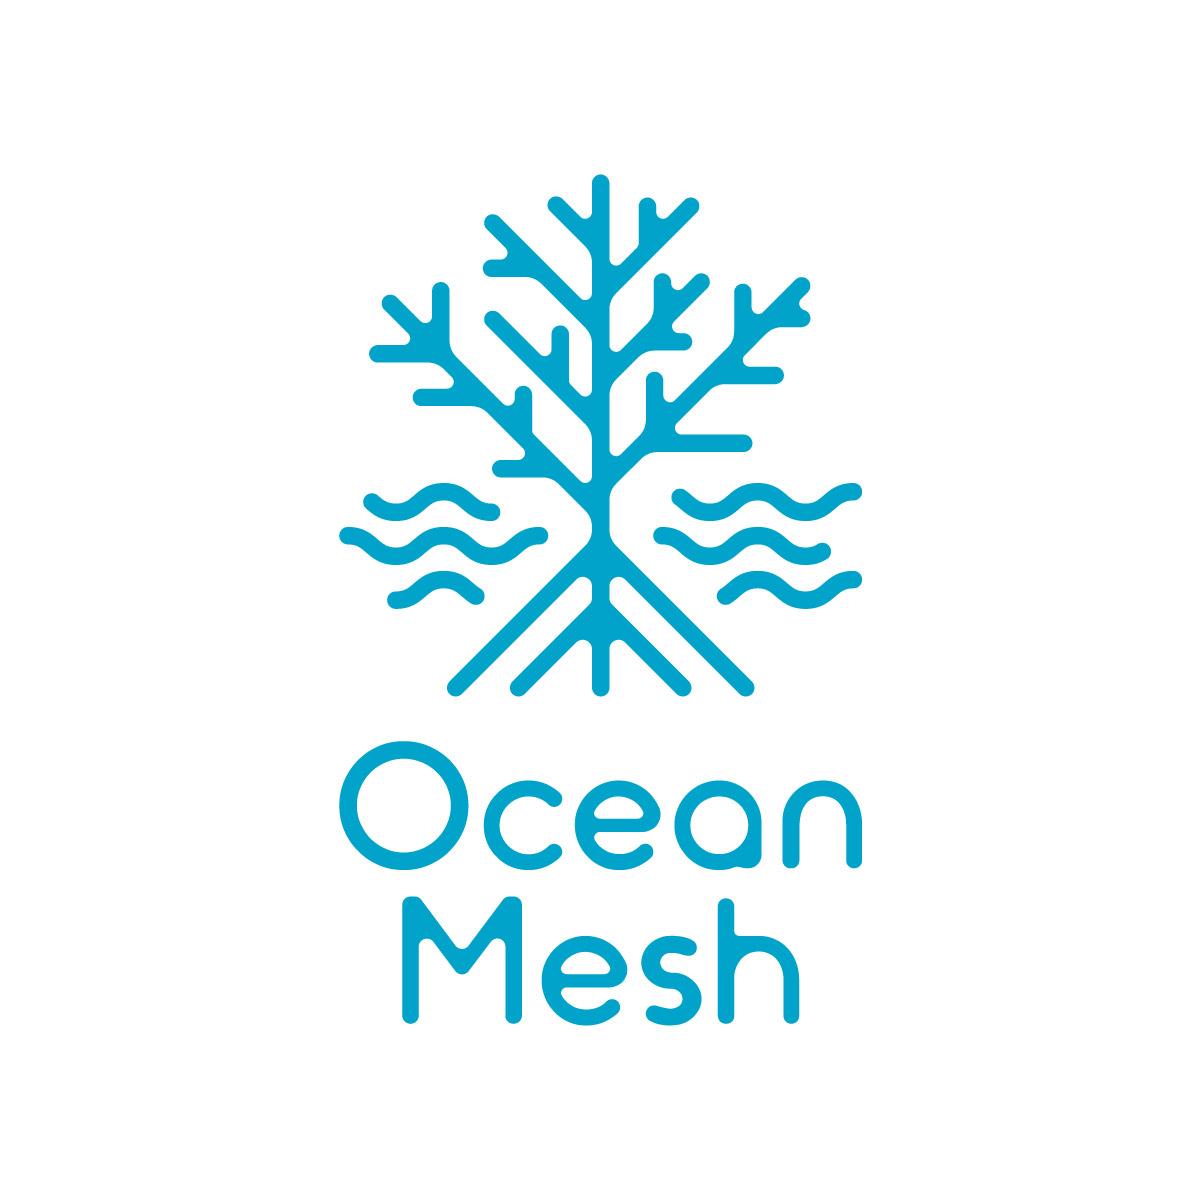 香川,瀬戸内,ドローン,Ocean Mesh